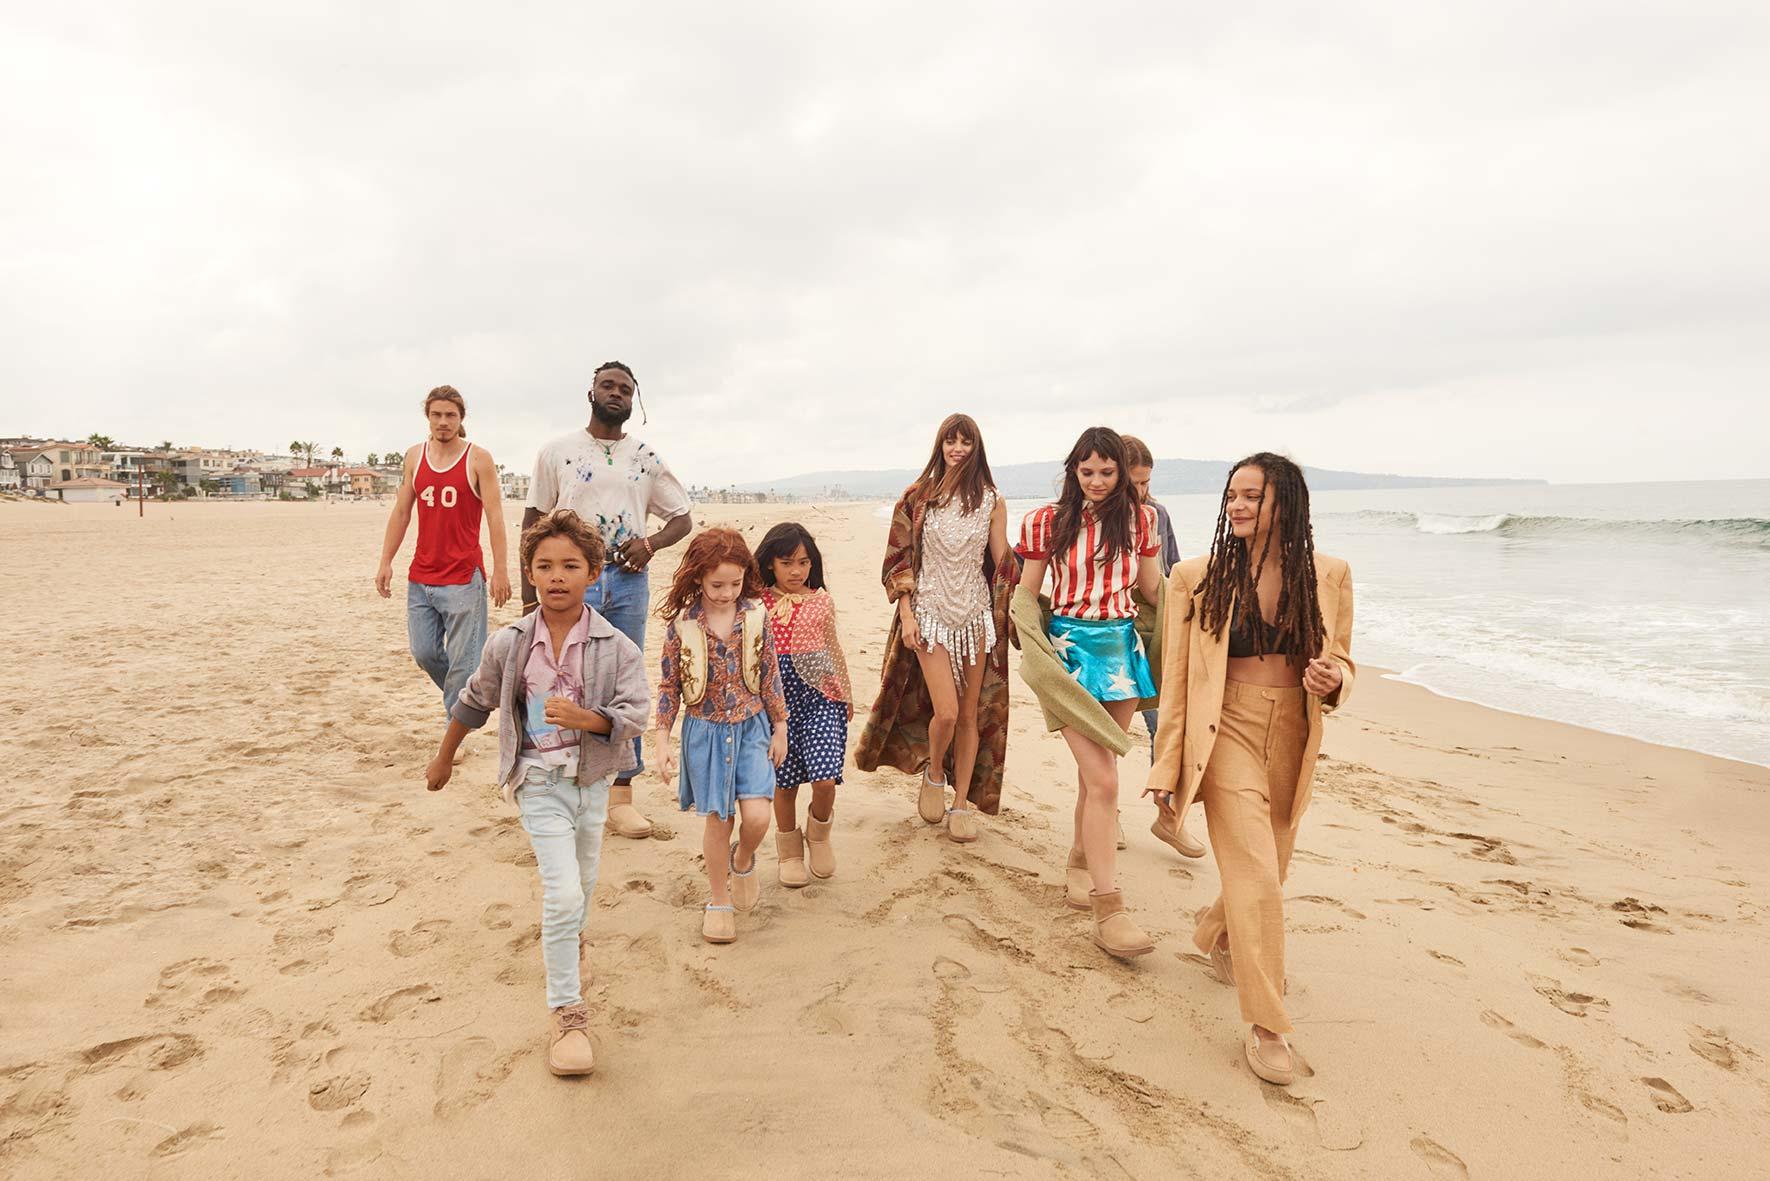 AW18-MWK-Group-Beach-H